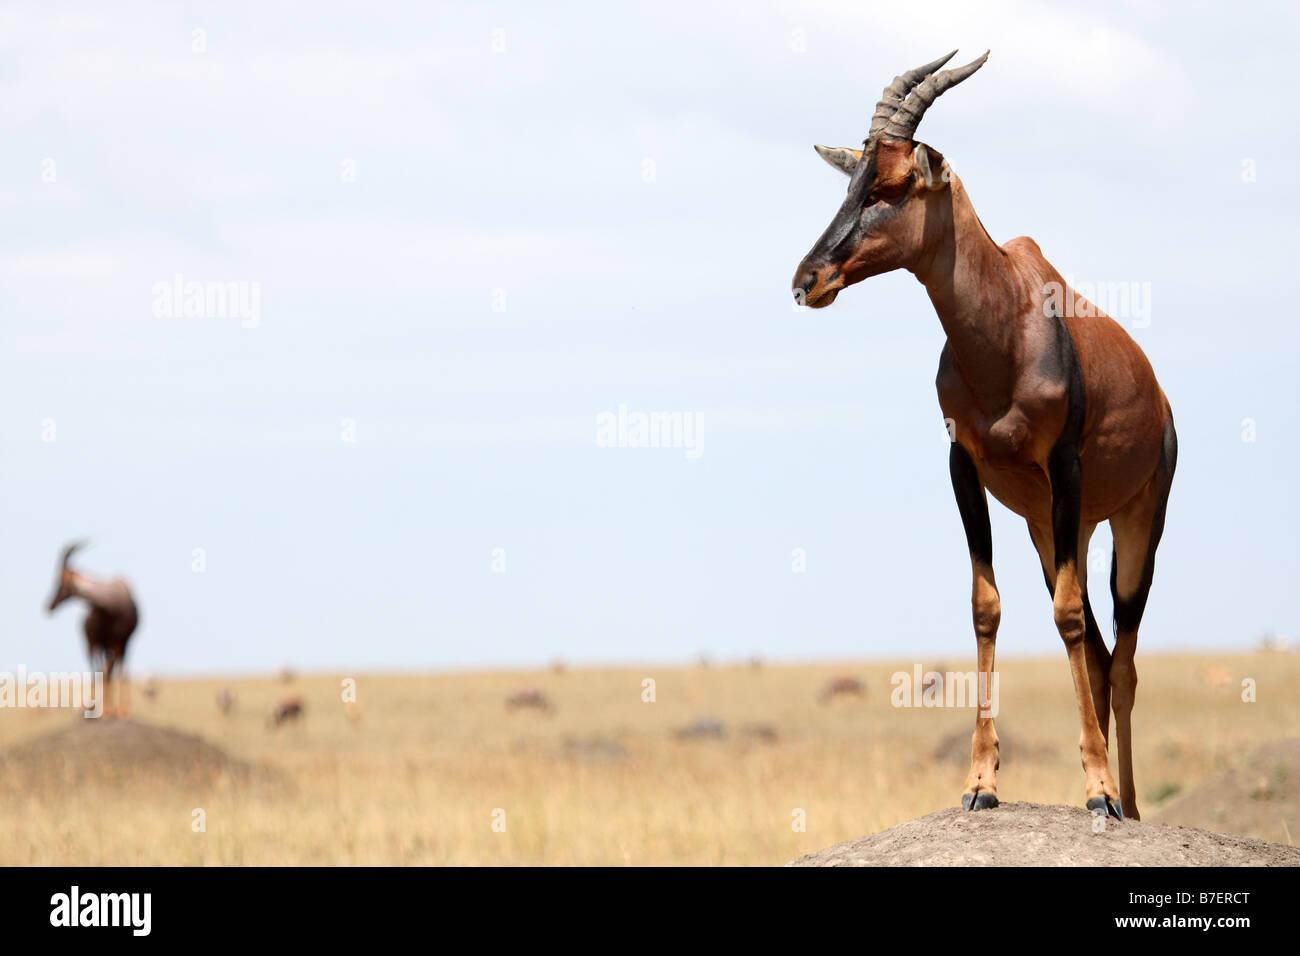 Topi on a termite mound masai mara kenya - Stock Image